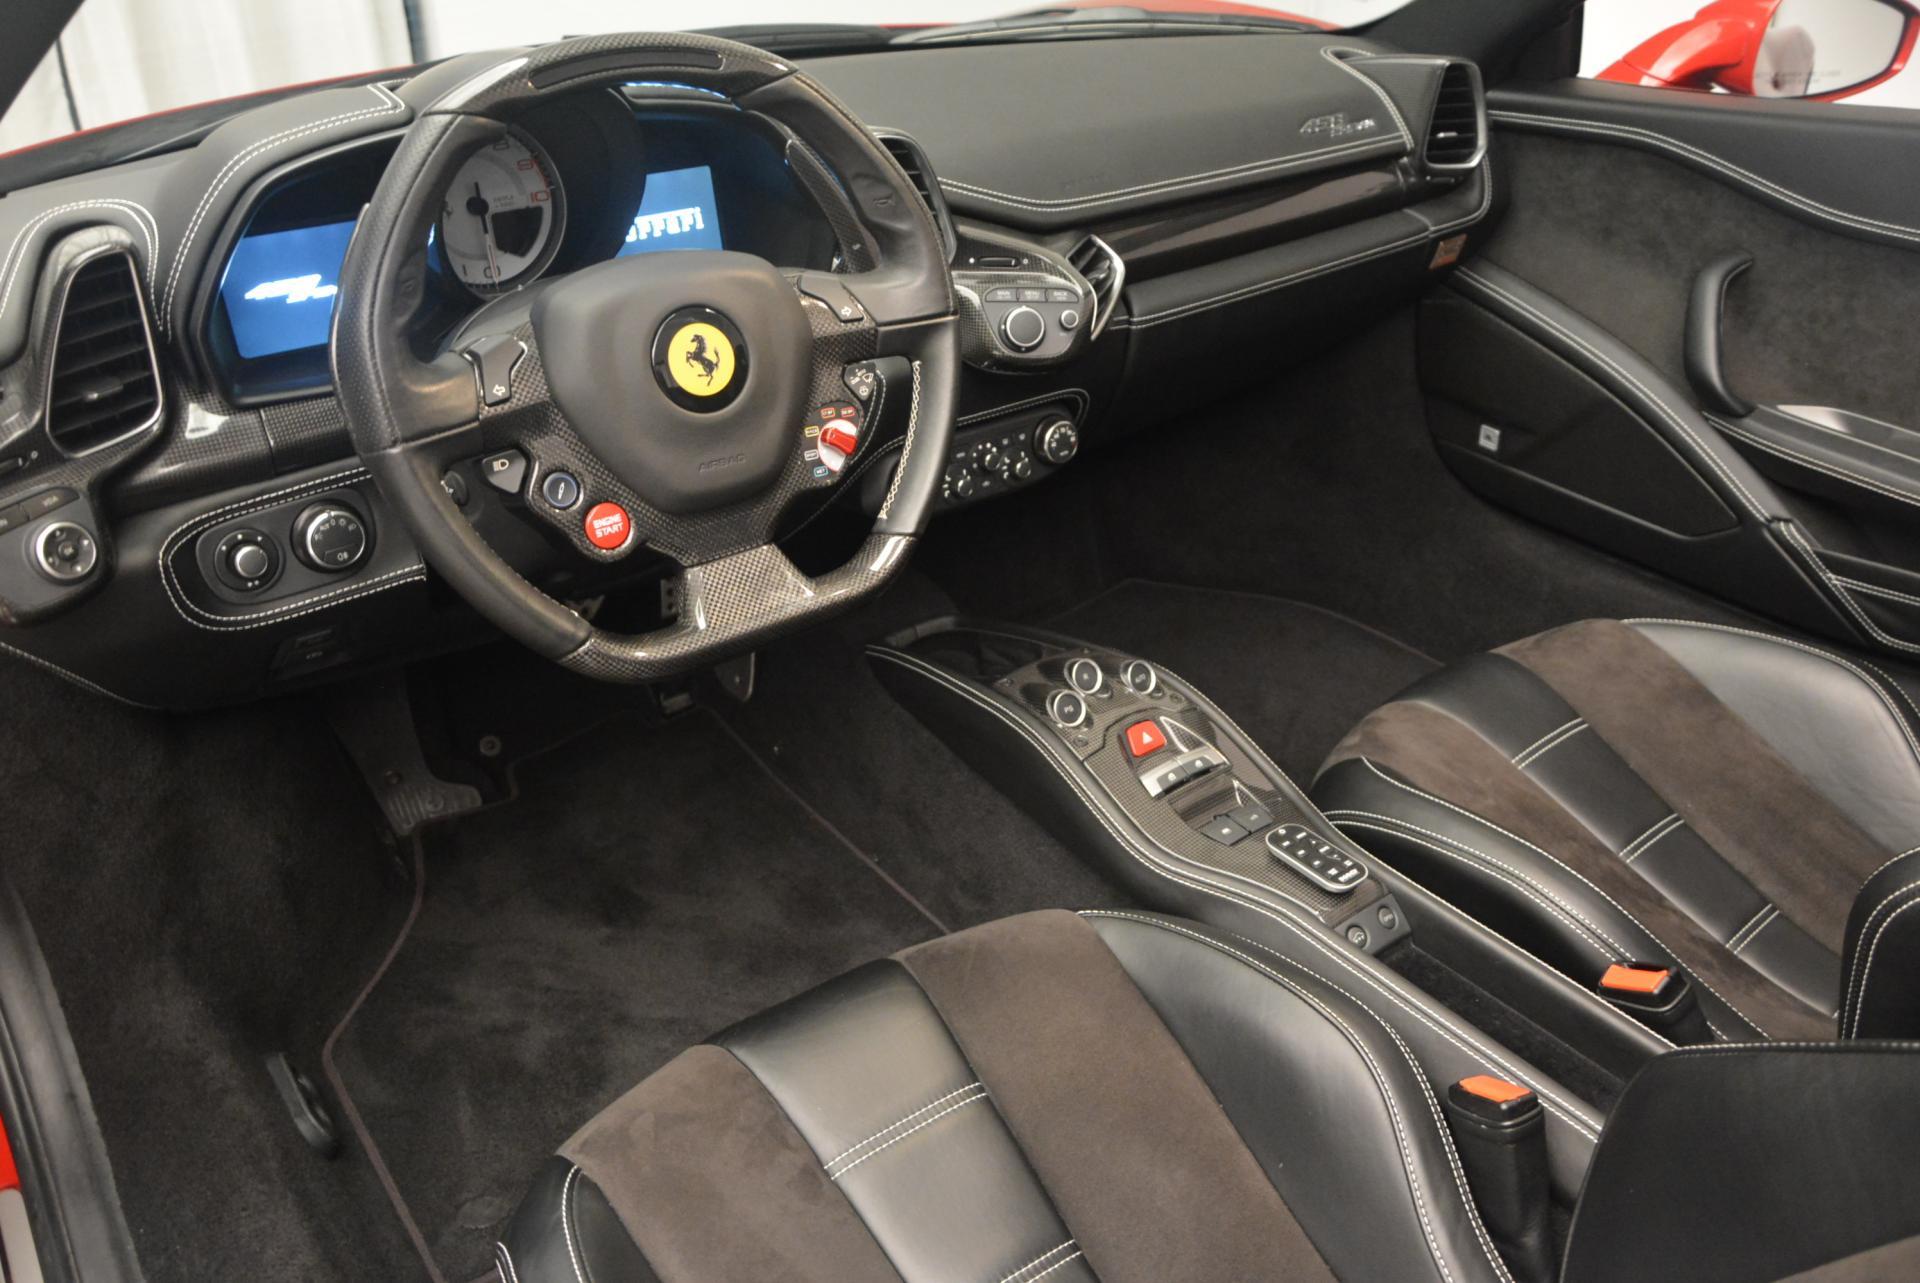 Used 2013 Ferrari 458 Spider  For Sale In Greenwich, CT. Alfa Romeo of Greenwich, 4322 136_p25